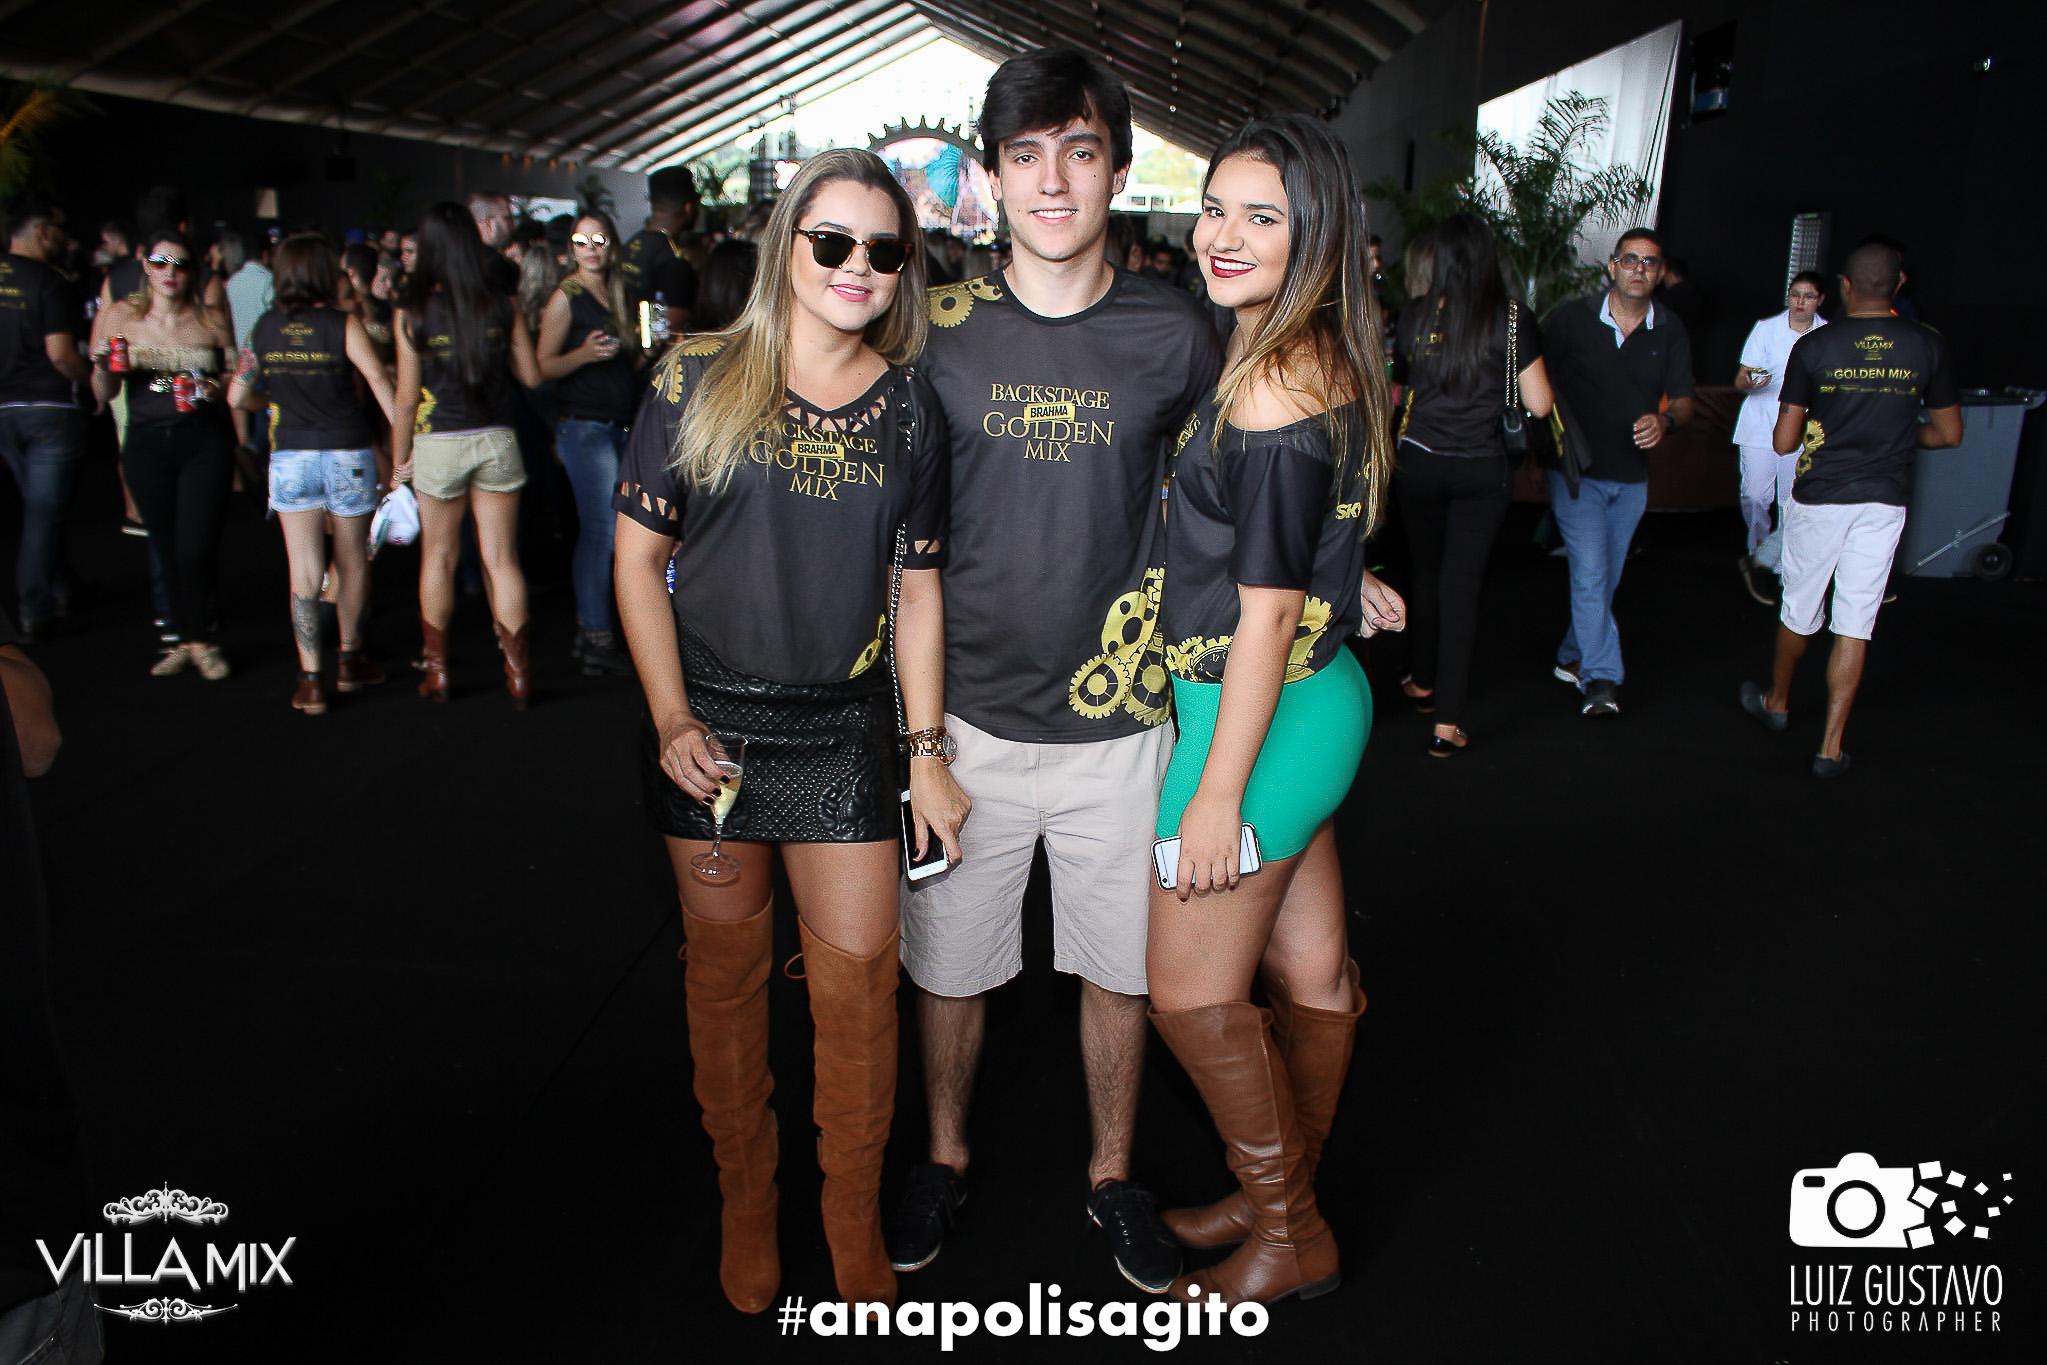 Luiz Gustavo Photographer (36 de 327)